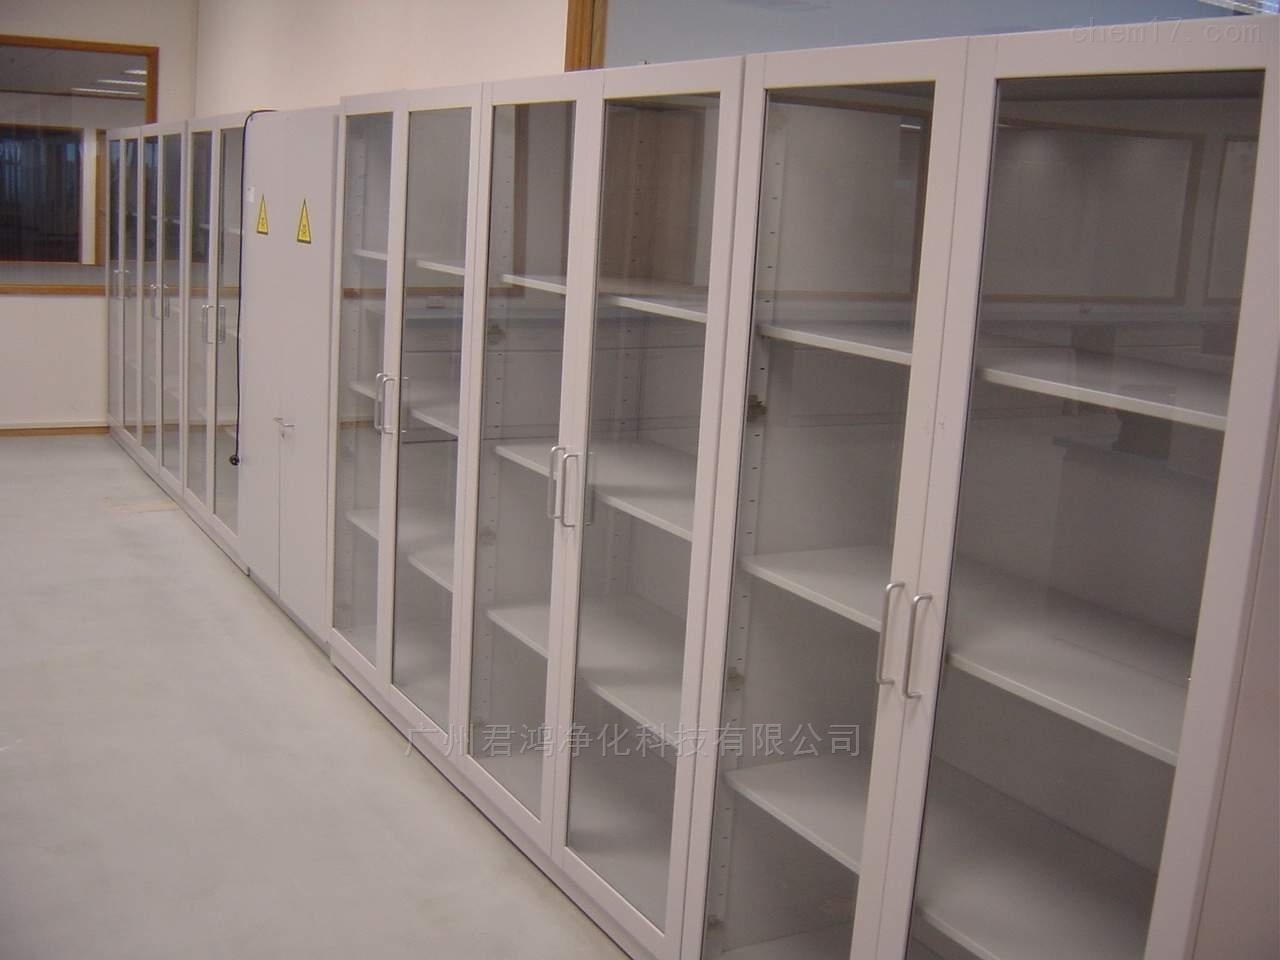 厂家批发价供应梅州实验室家具边台中央台